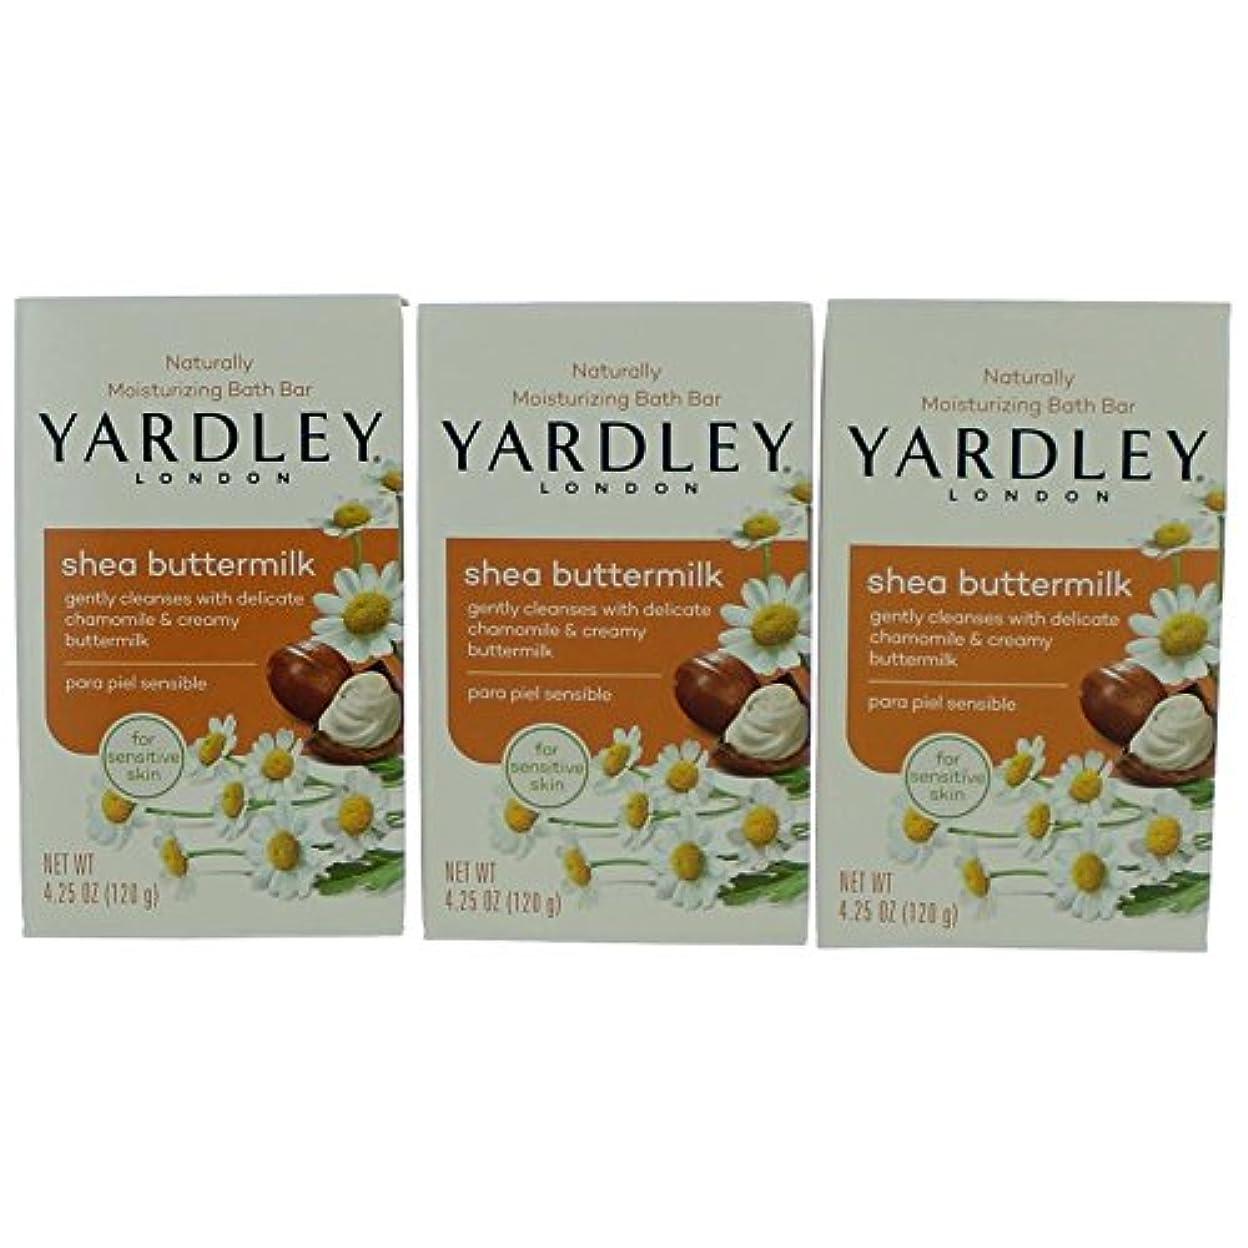 恥ずかしさ無秩序損傷Yardley ロンドン敏感肌シェイバターミルク石鹸、4.25オズ(4パック) 4パック